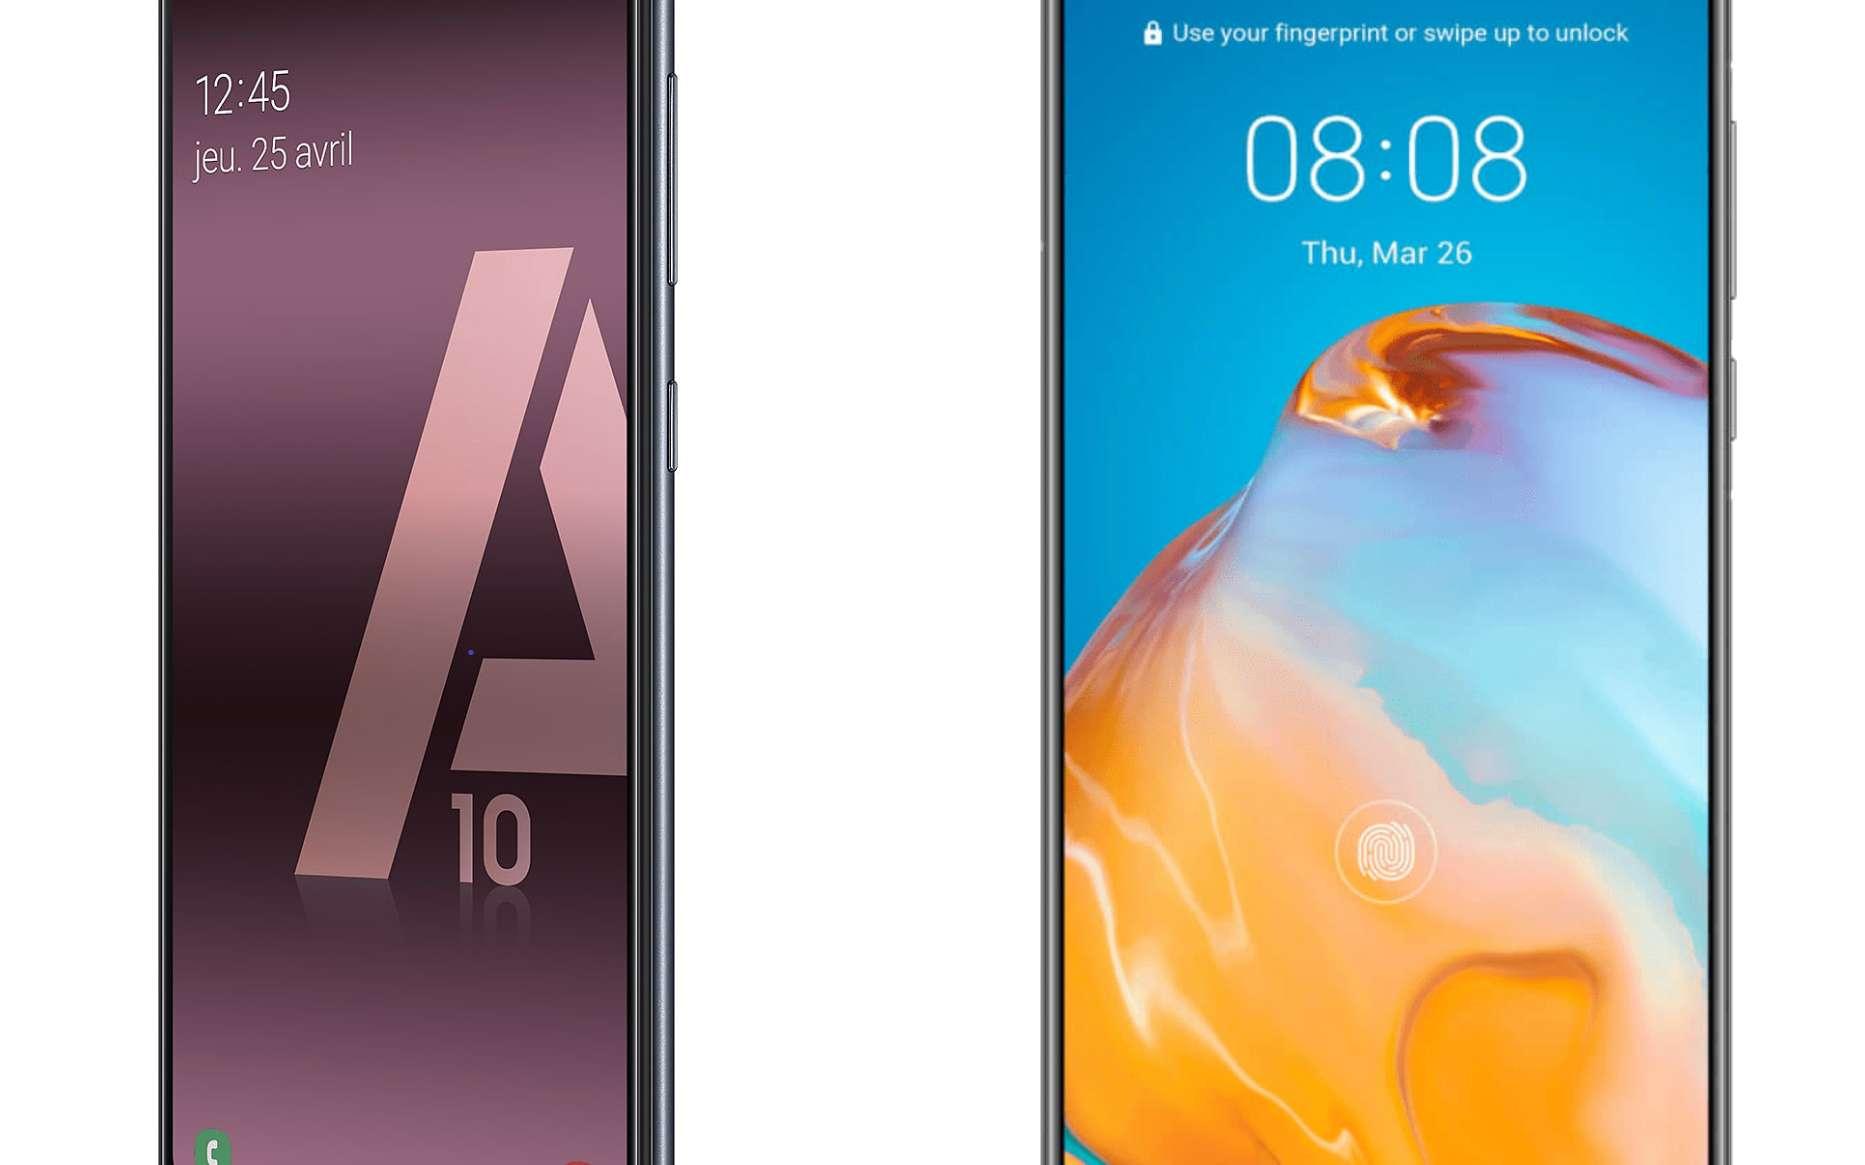 Super promo sur le Huawei P40 et le Samsung Galaxy A10 chez Rakuten